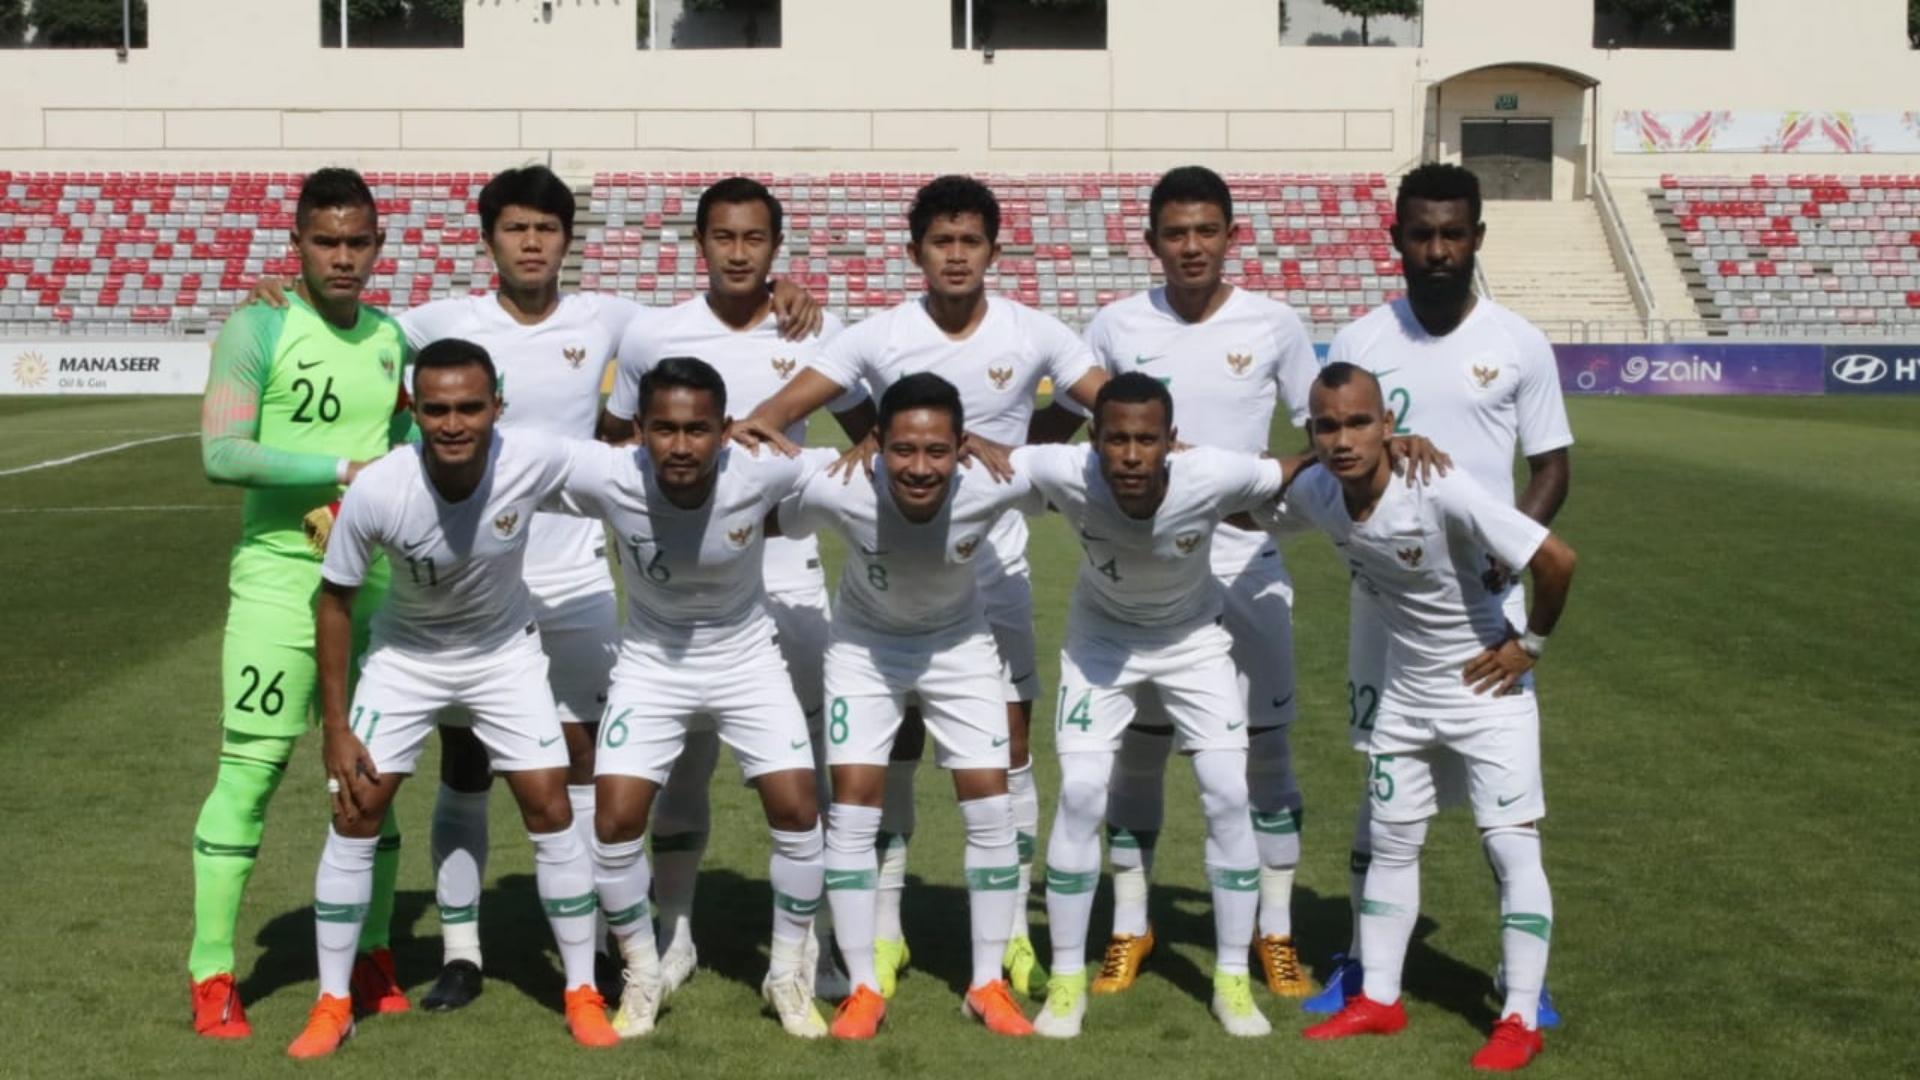 Timnas Indonesia Jadwal Hasil Skuad Kualifikasi Piala Dunia 2022 Piala Aff Piala Asia 2023 Semua Info Lengkap Timnas Goal Com